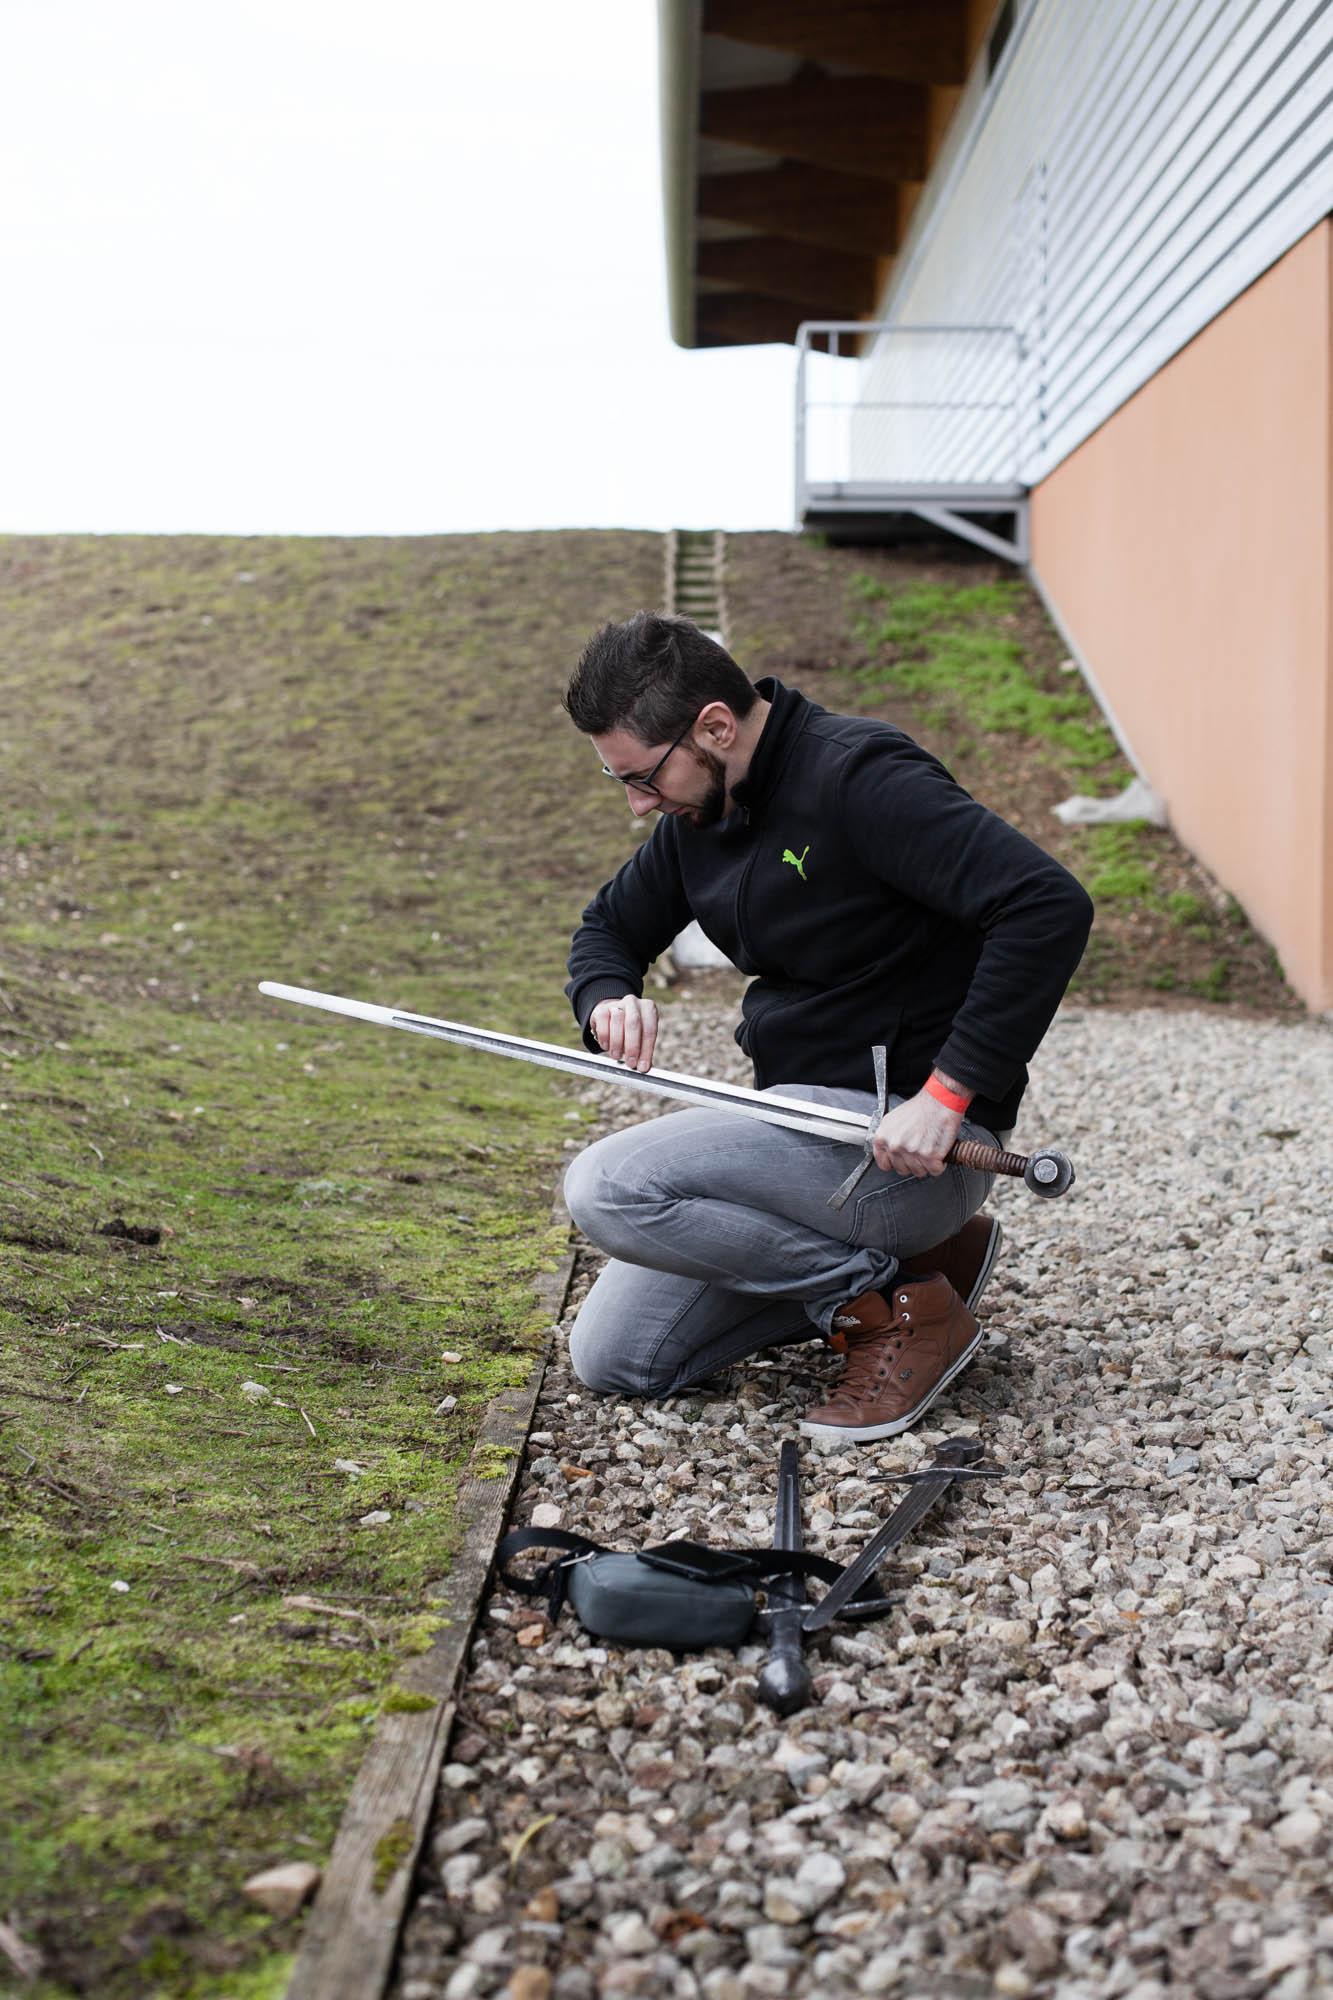 Jean -Christophe prépare son matériel avant un combat en duel. Carrière Sous Poissy.